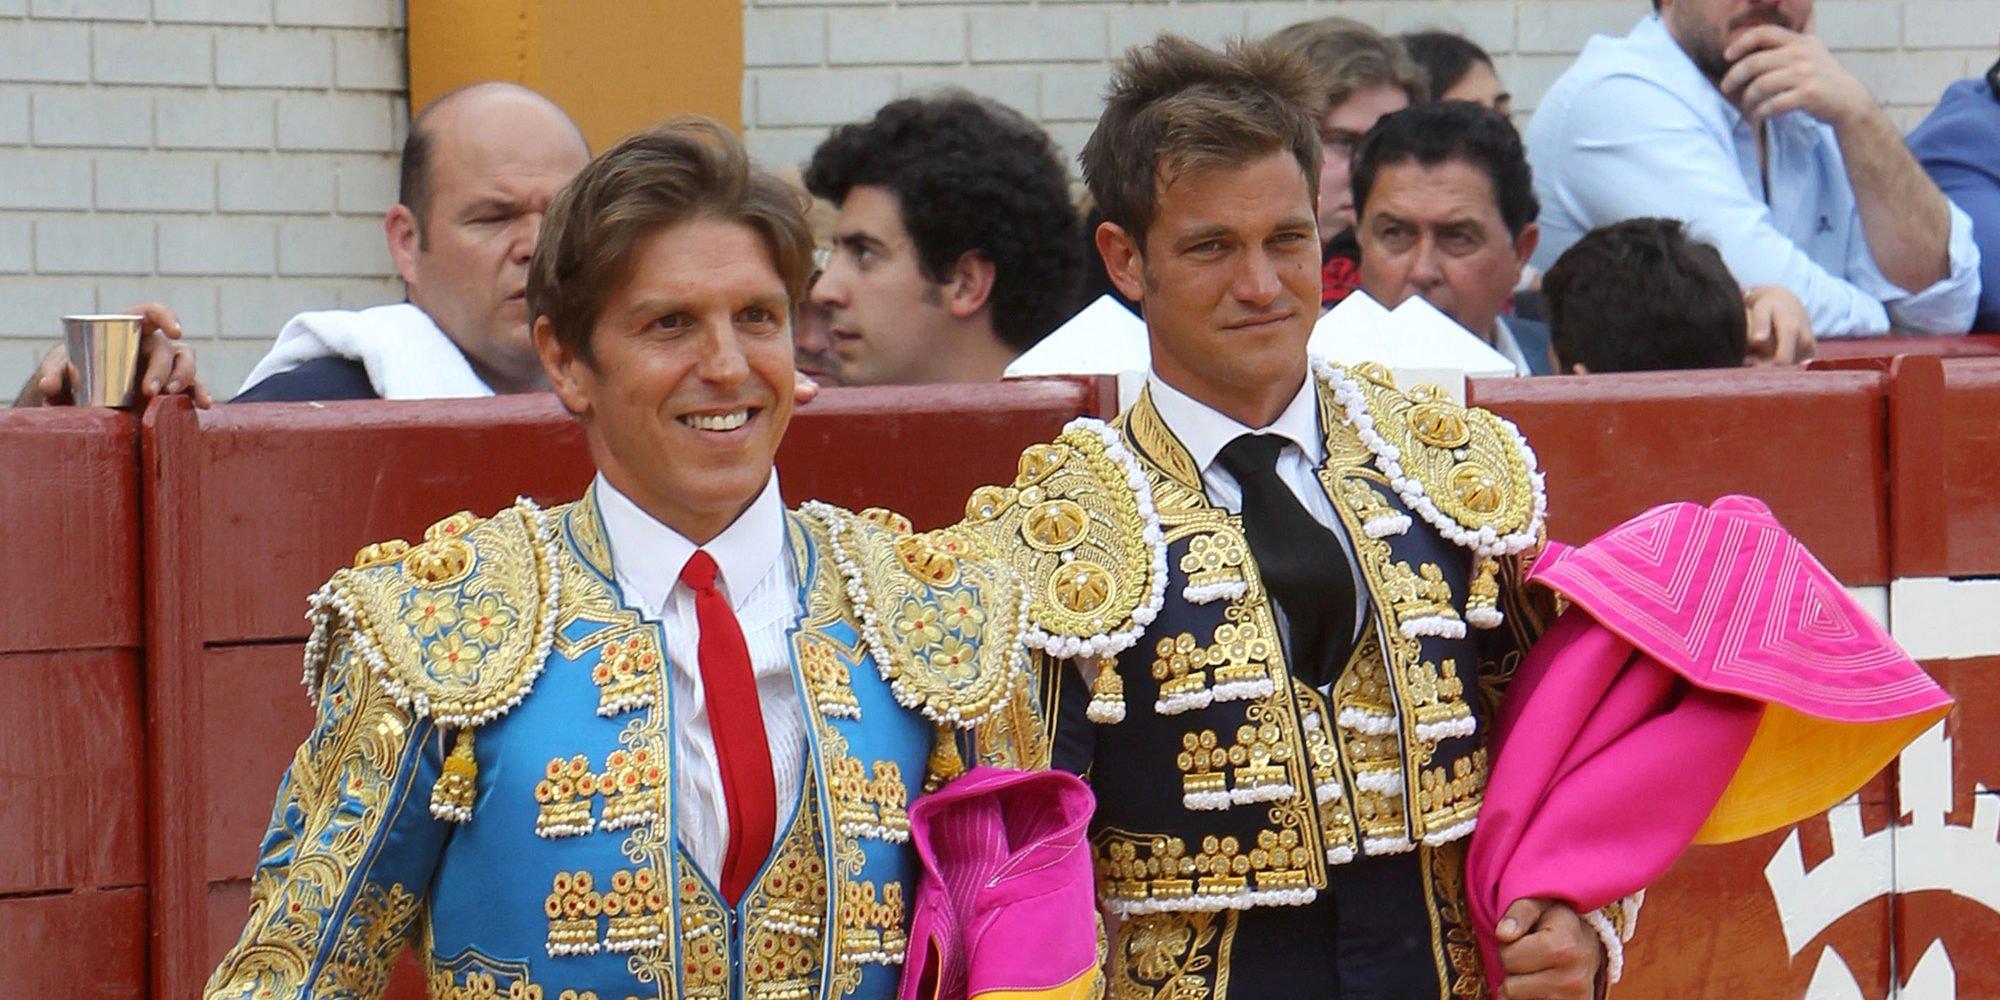 Manuel Díaz y Julio Benítez volverán a torear juntos en Antequera